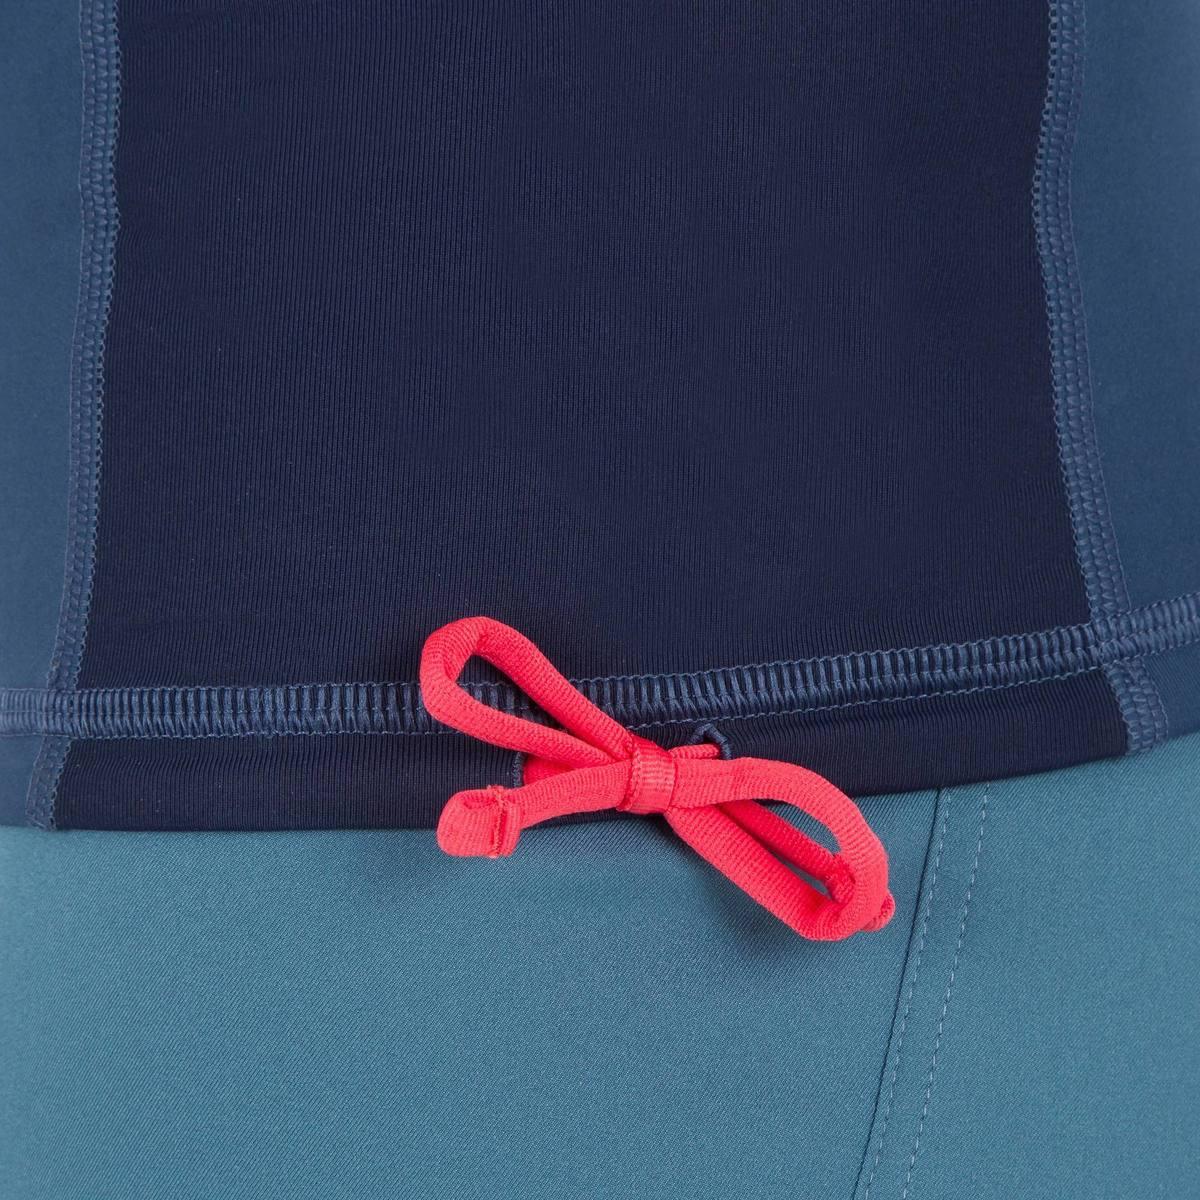 Bild 5 von UV-Shirt Surfen Top 500 kurzarm Herren blaugrau